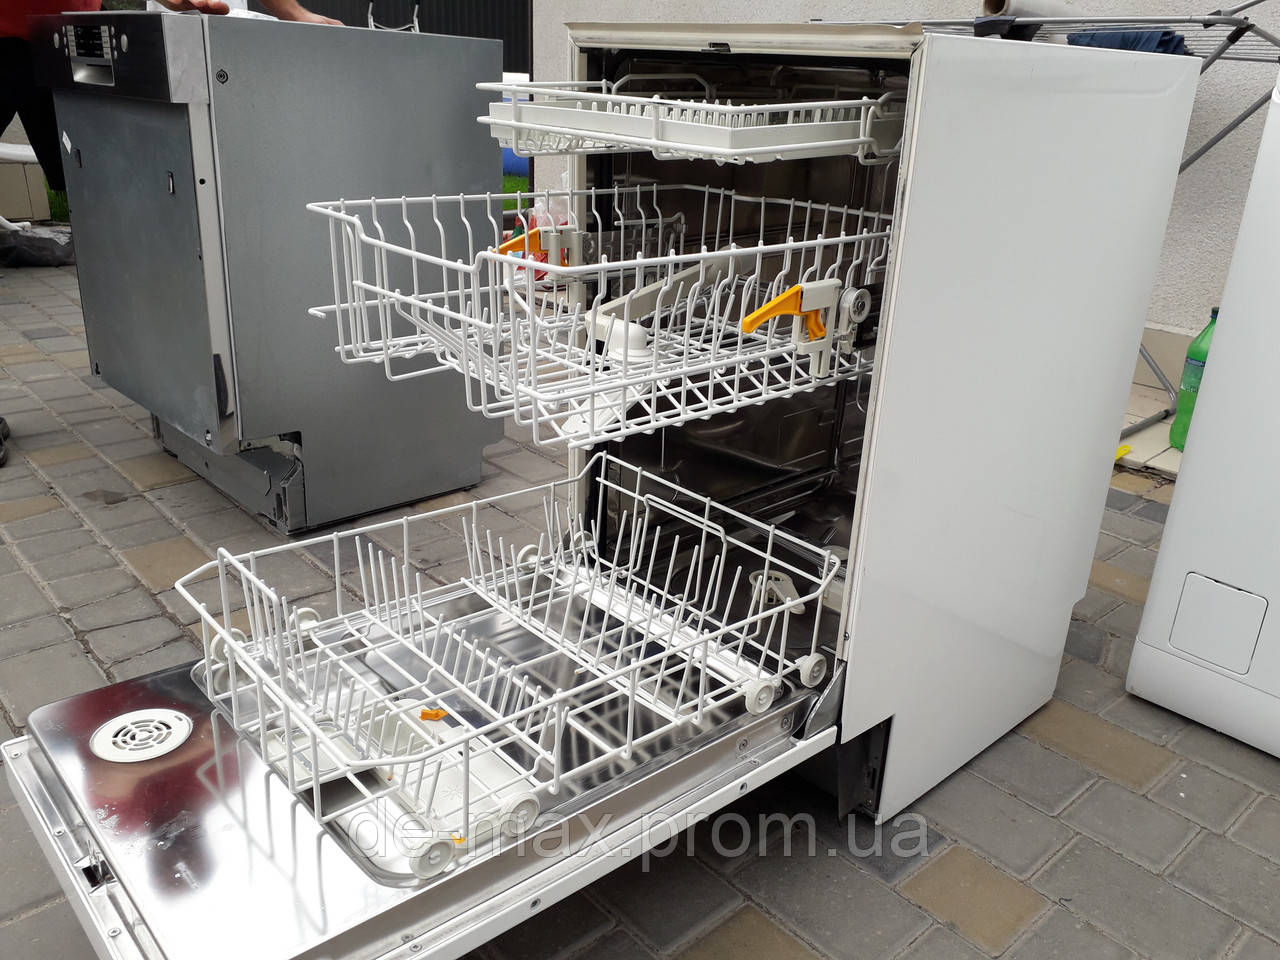 Встраиваемая посудомойка узкая 45см на три лотка Miele G 624 SCi Plus